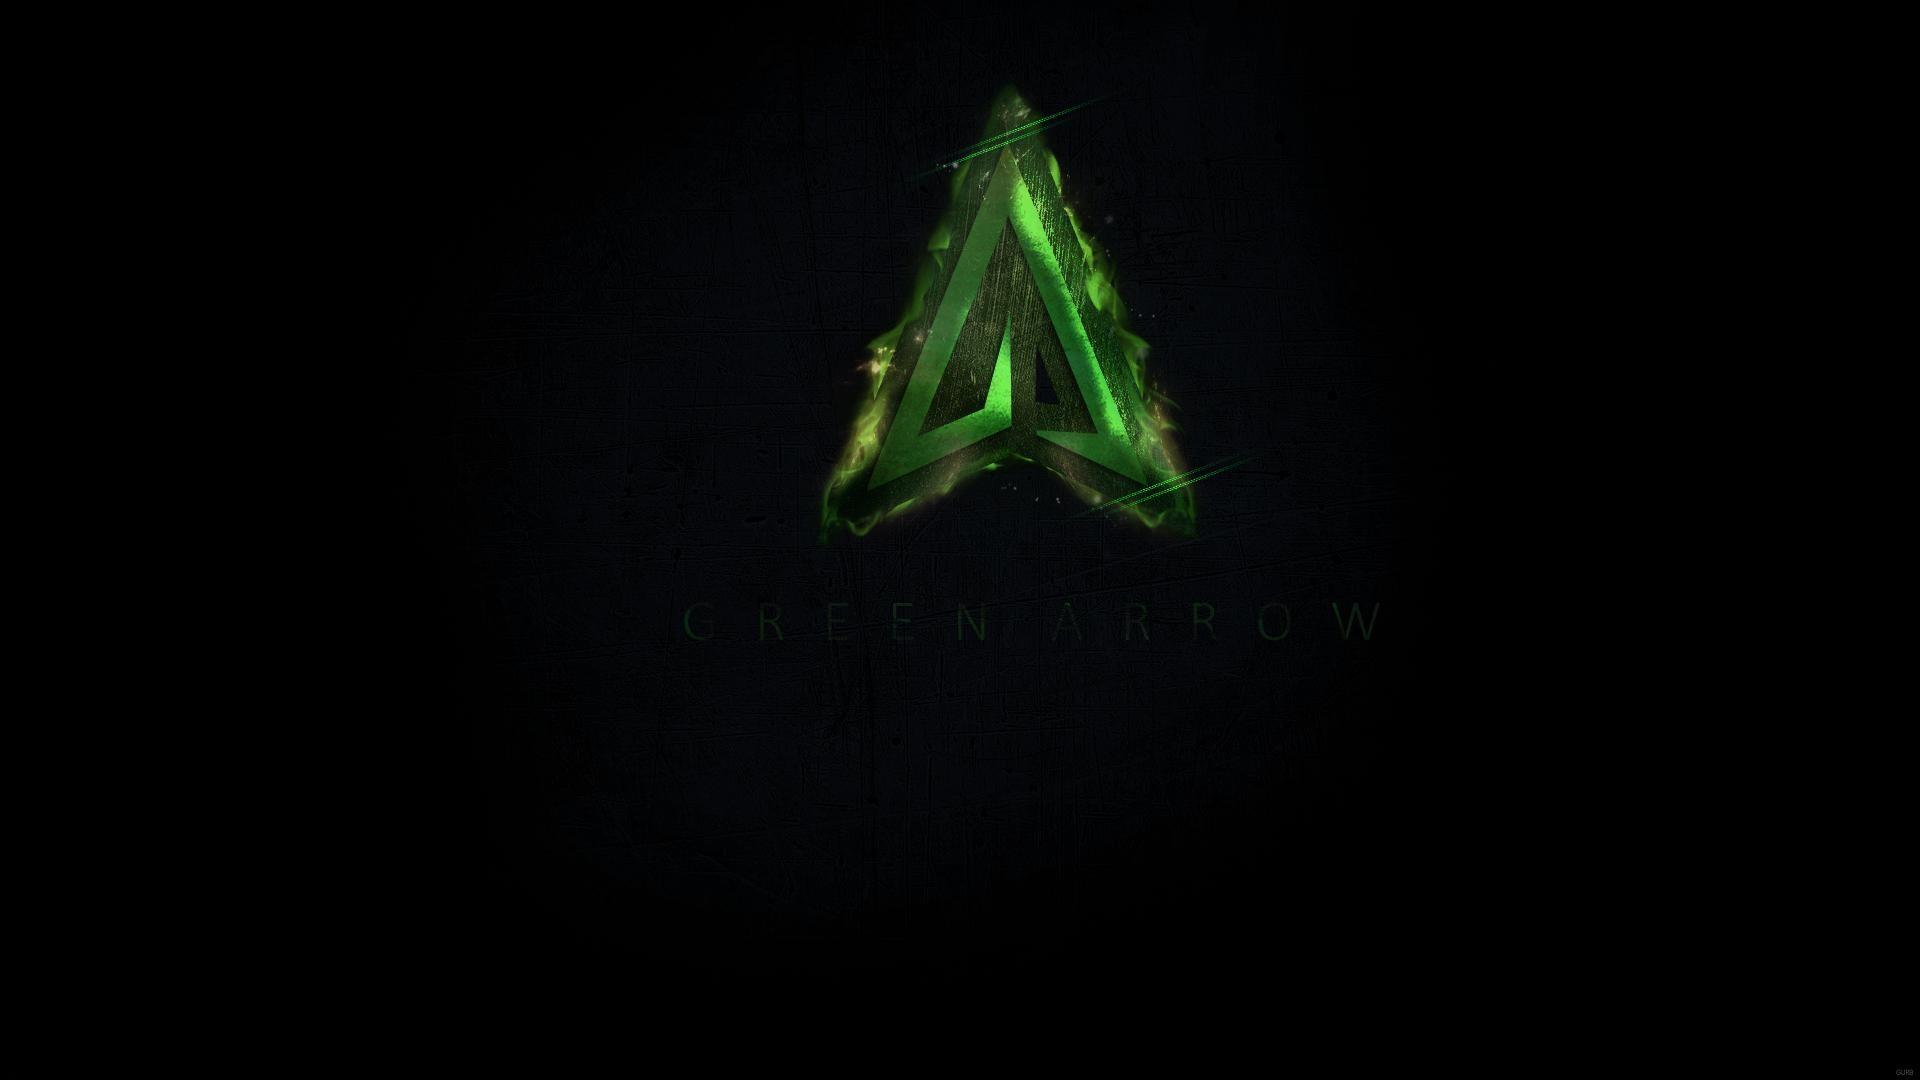 Green Arrow photos